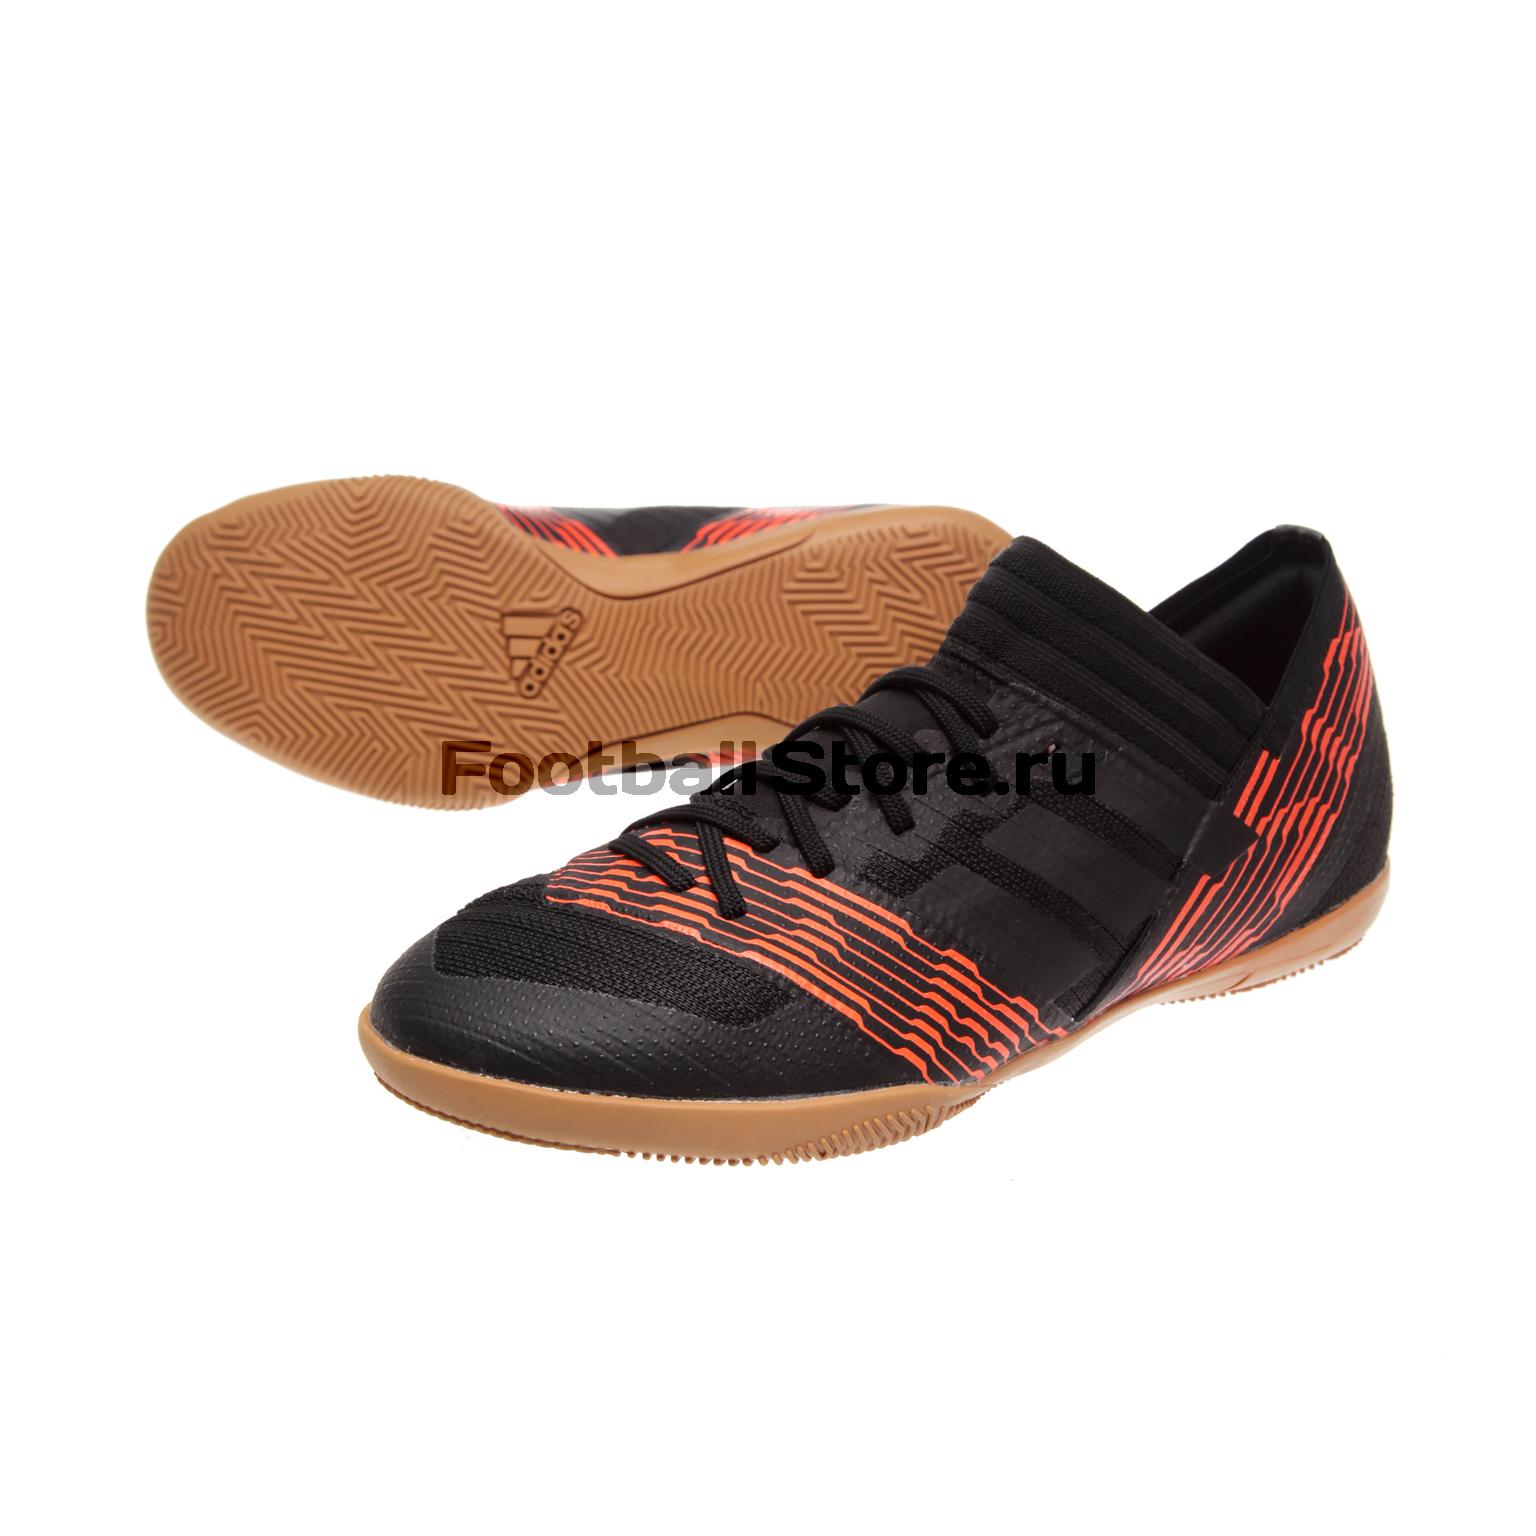 Обувь для зала Adidas Nemeziz Tango 17.3 IN JR CP9182 обувь для зала adidas nemeziz tango 17 3 in jr cp9182